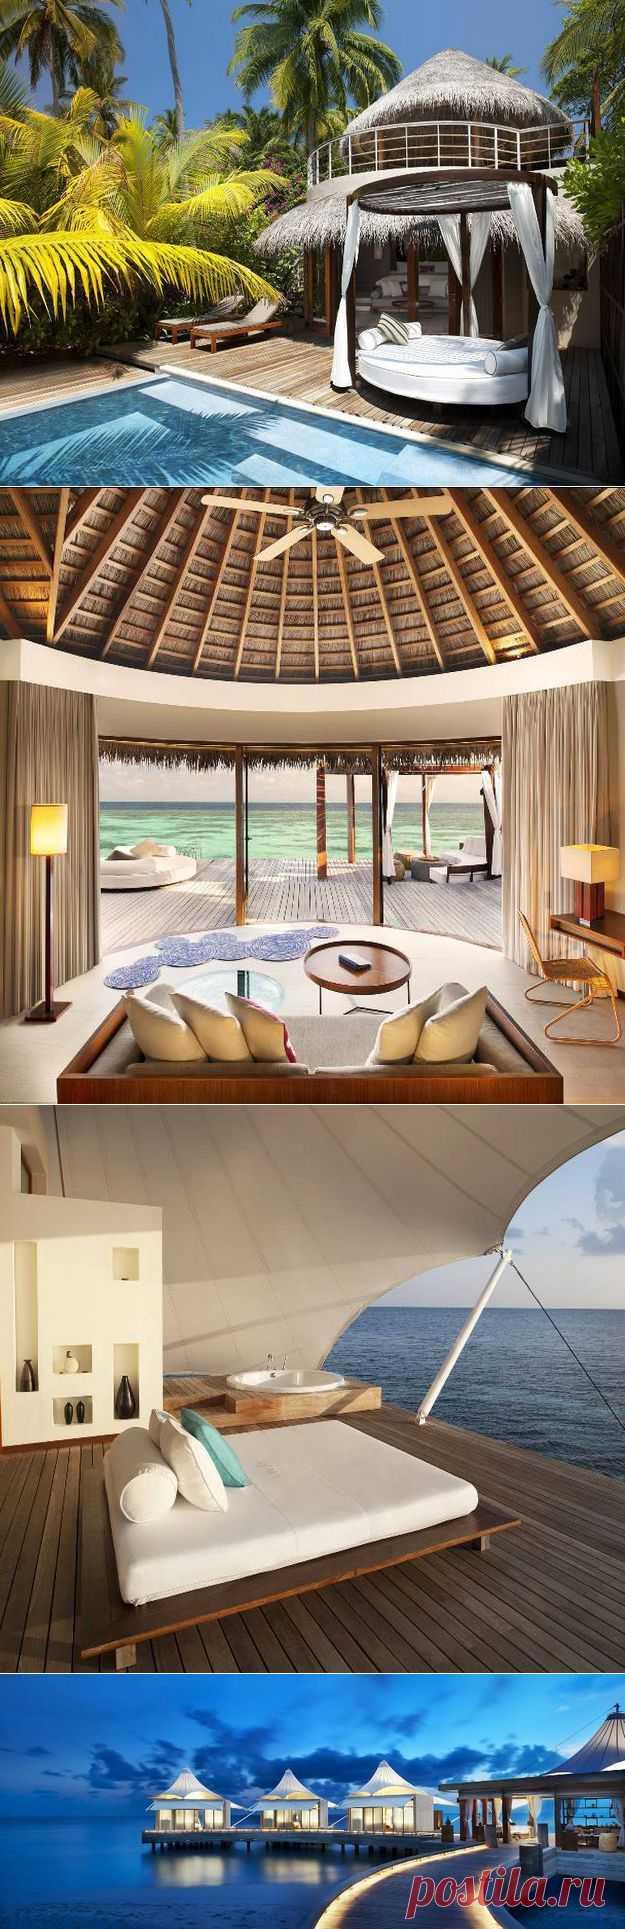 The Retreat Spa W на Мальдивских островах | КрасиВО!!!